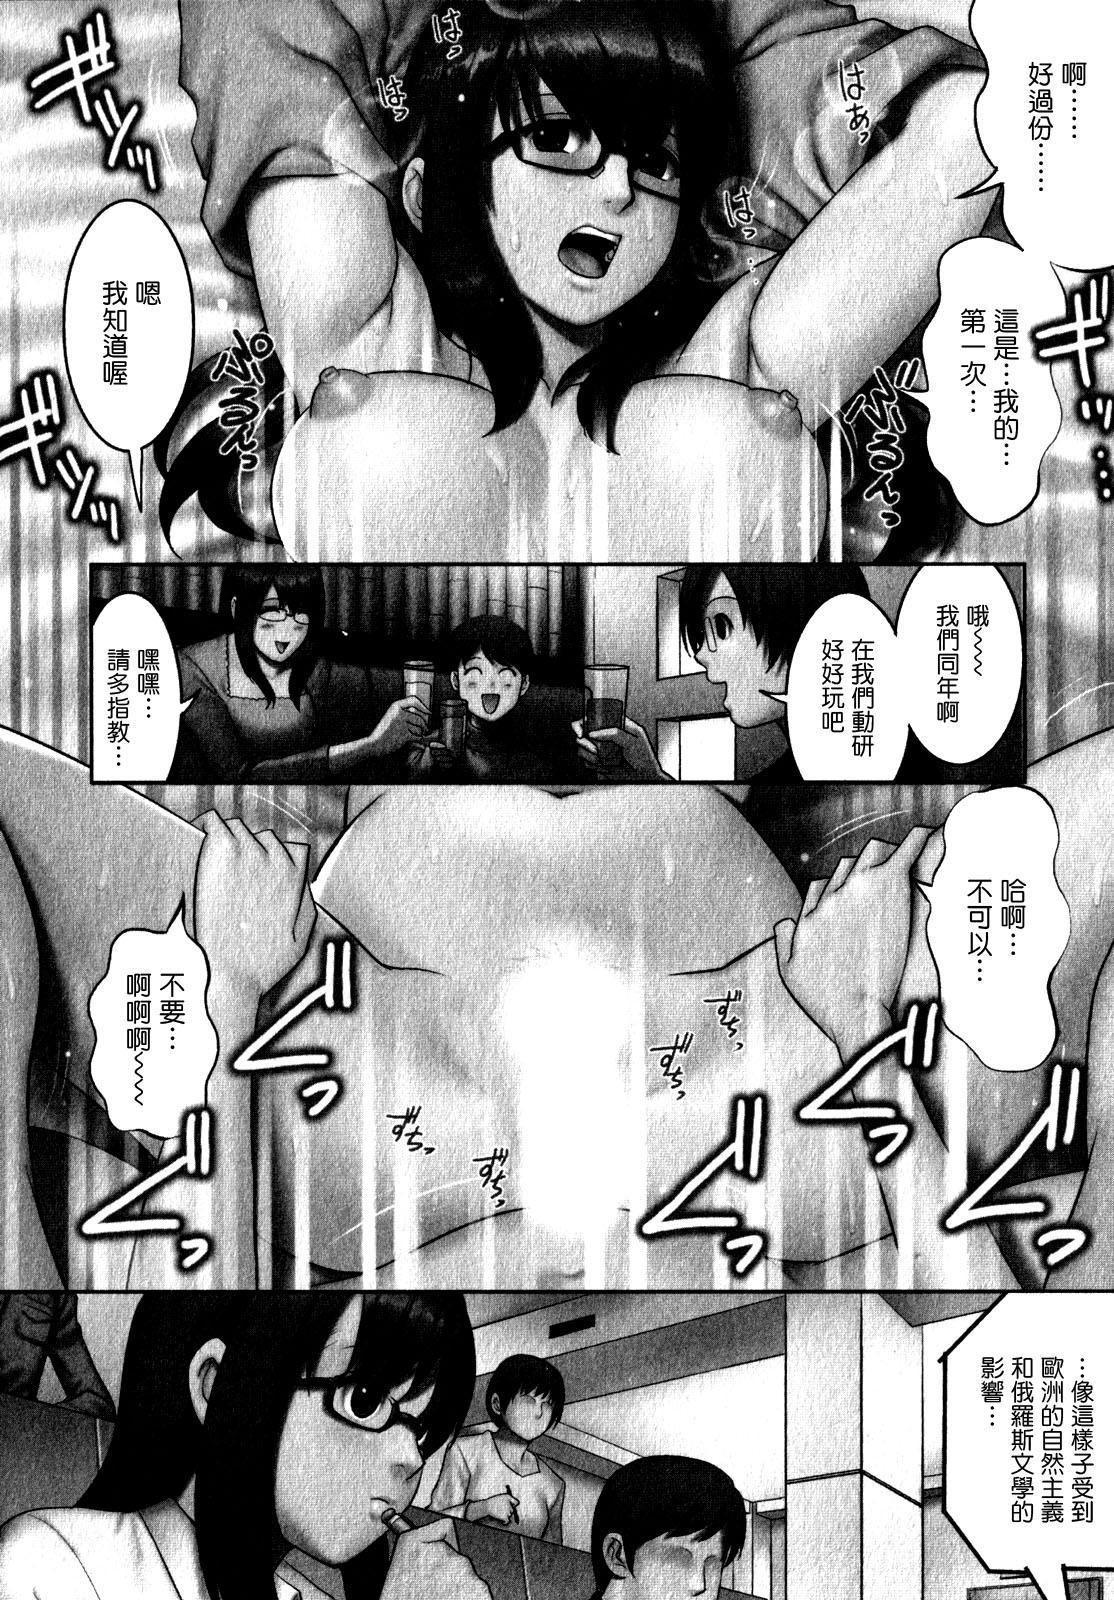 Otaku no Megami-san 1 5